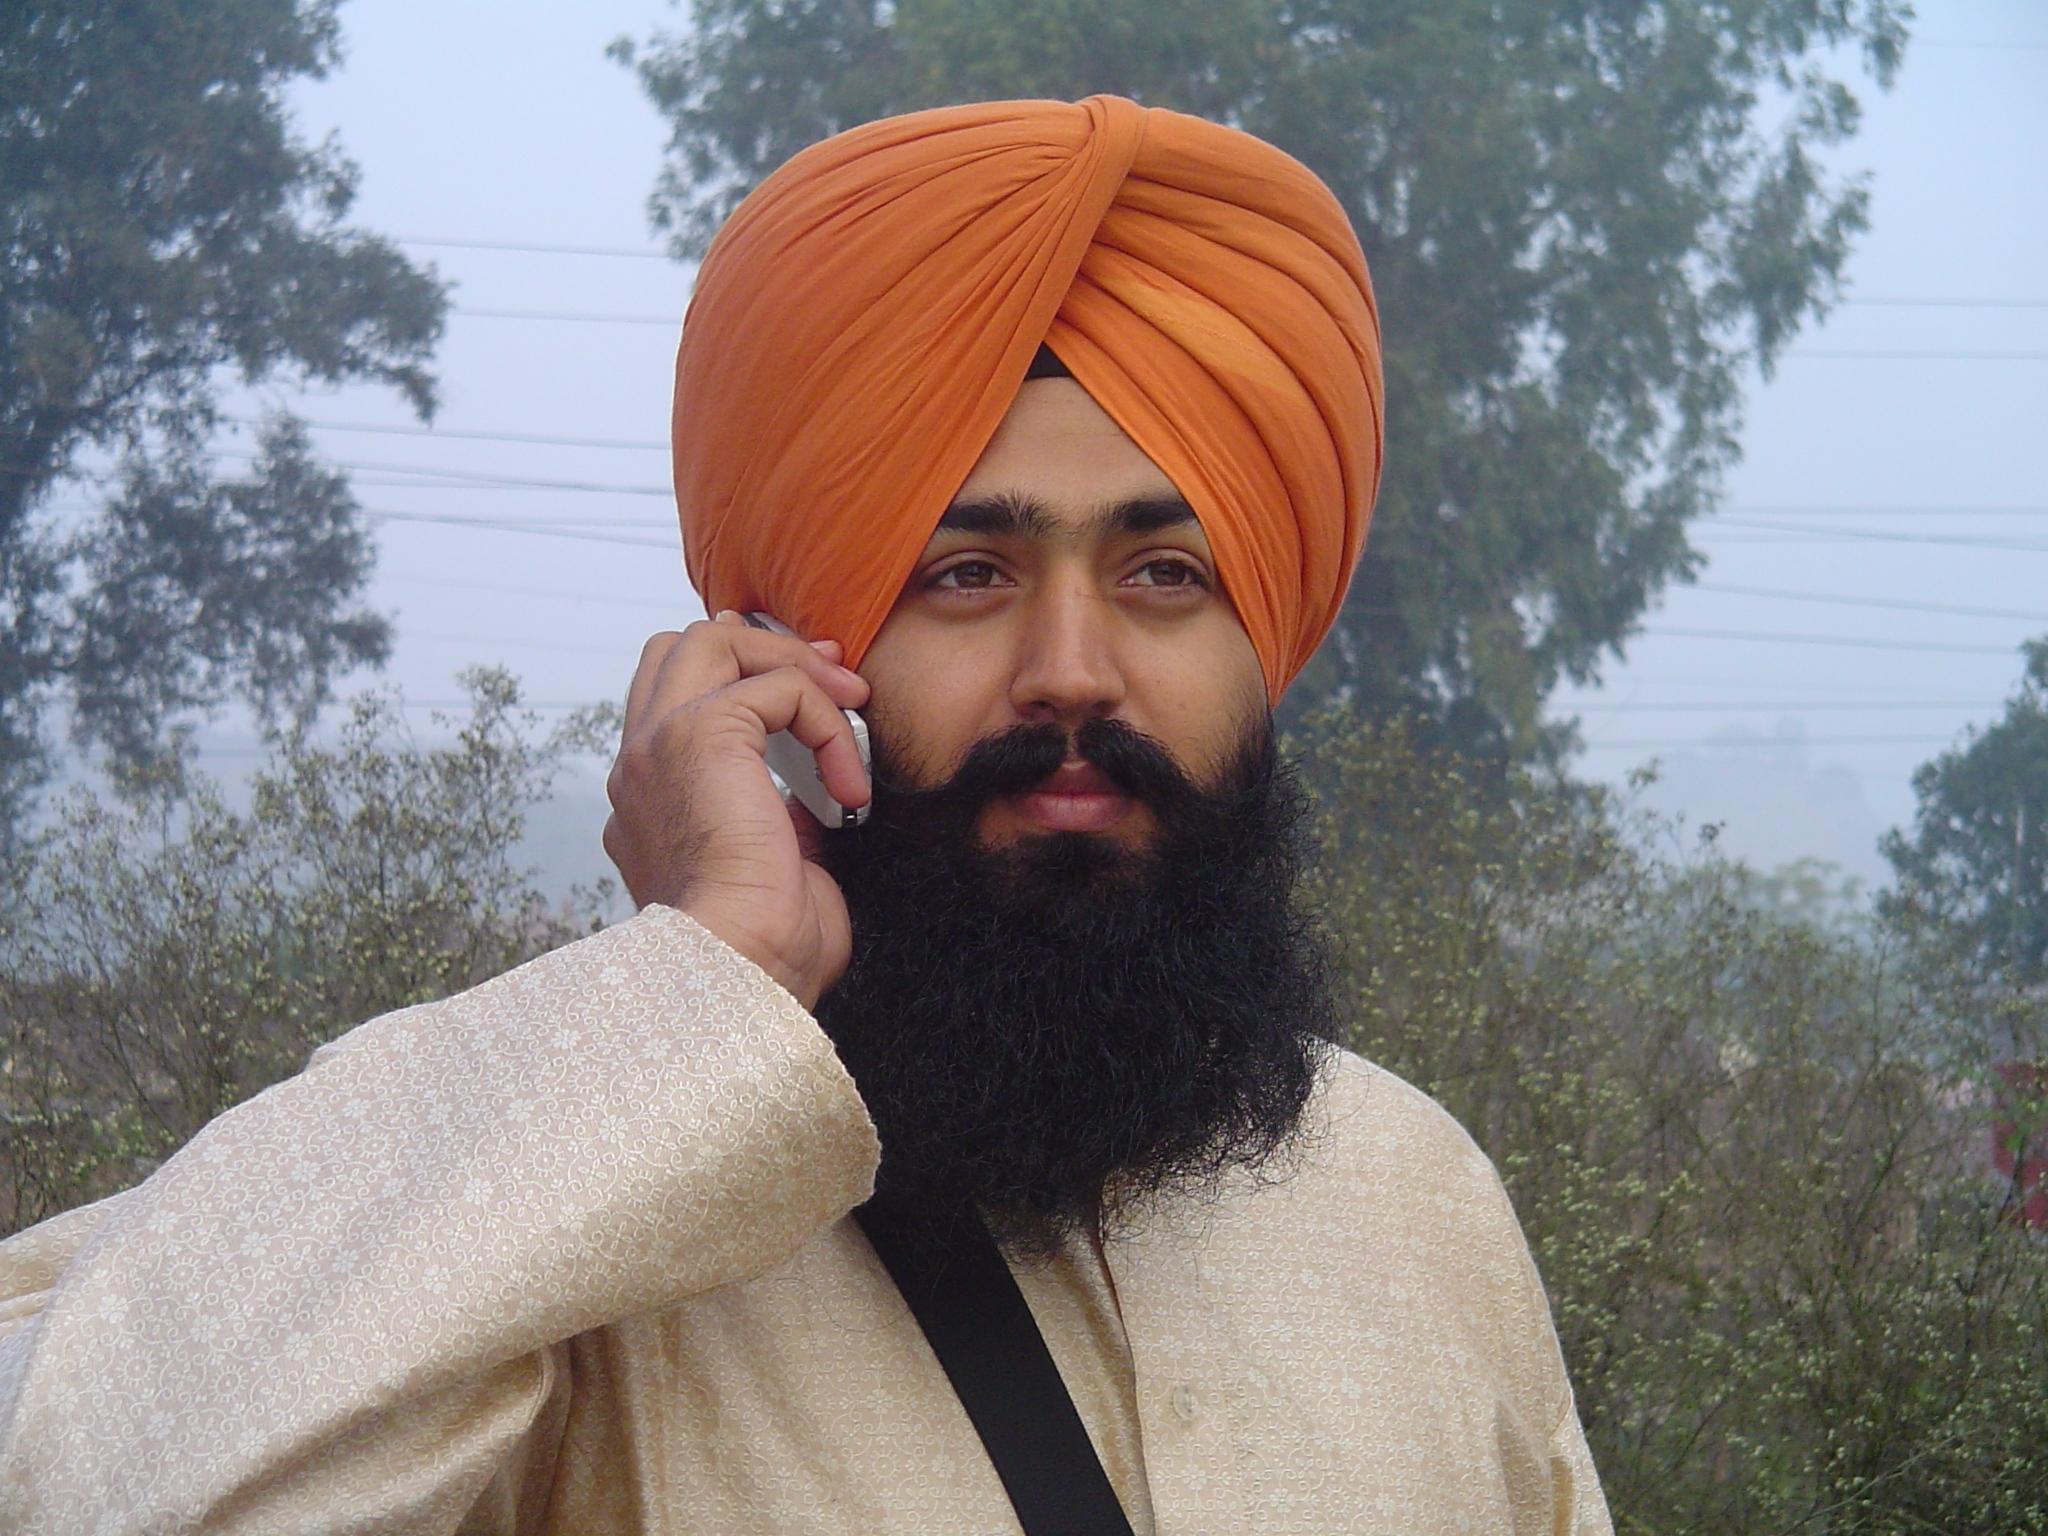 3629301_146735185313_Sikh_wearing_turban.jpg